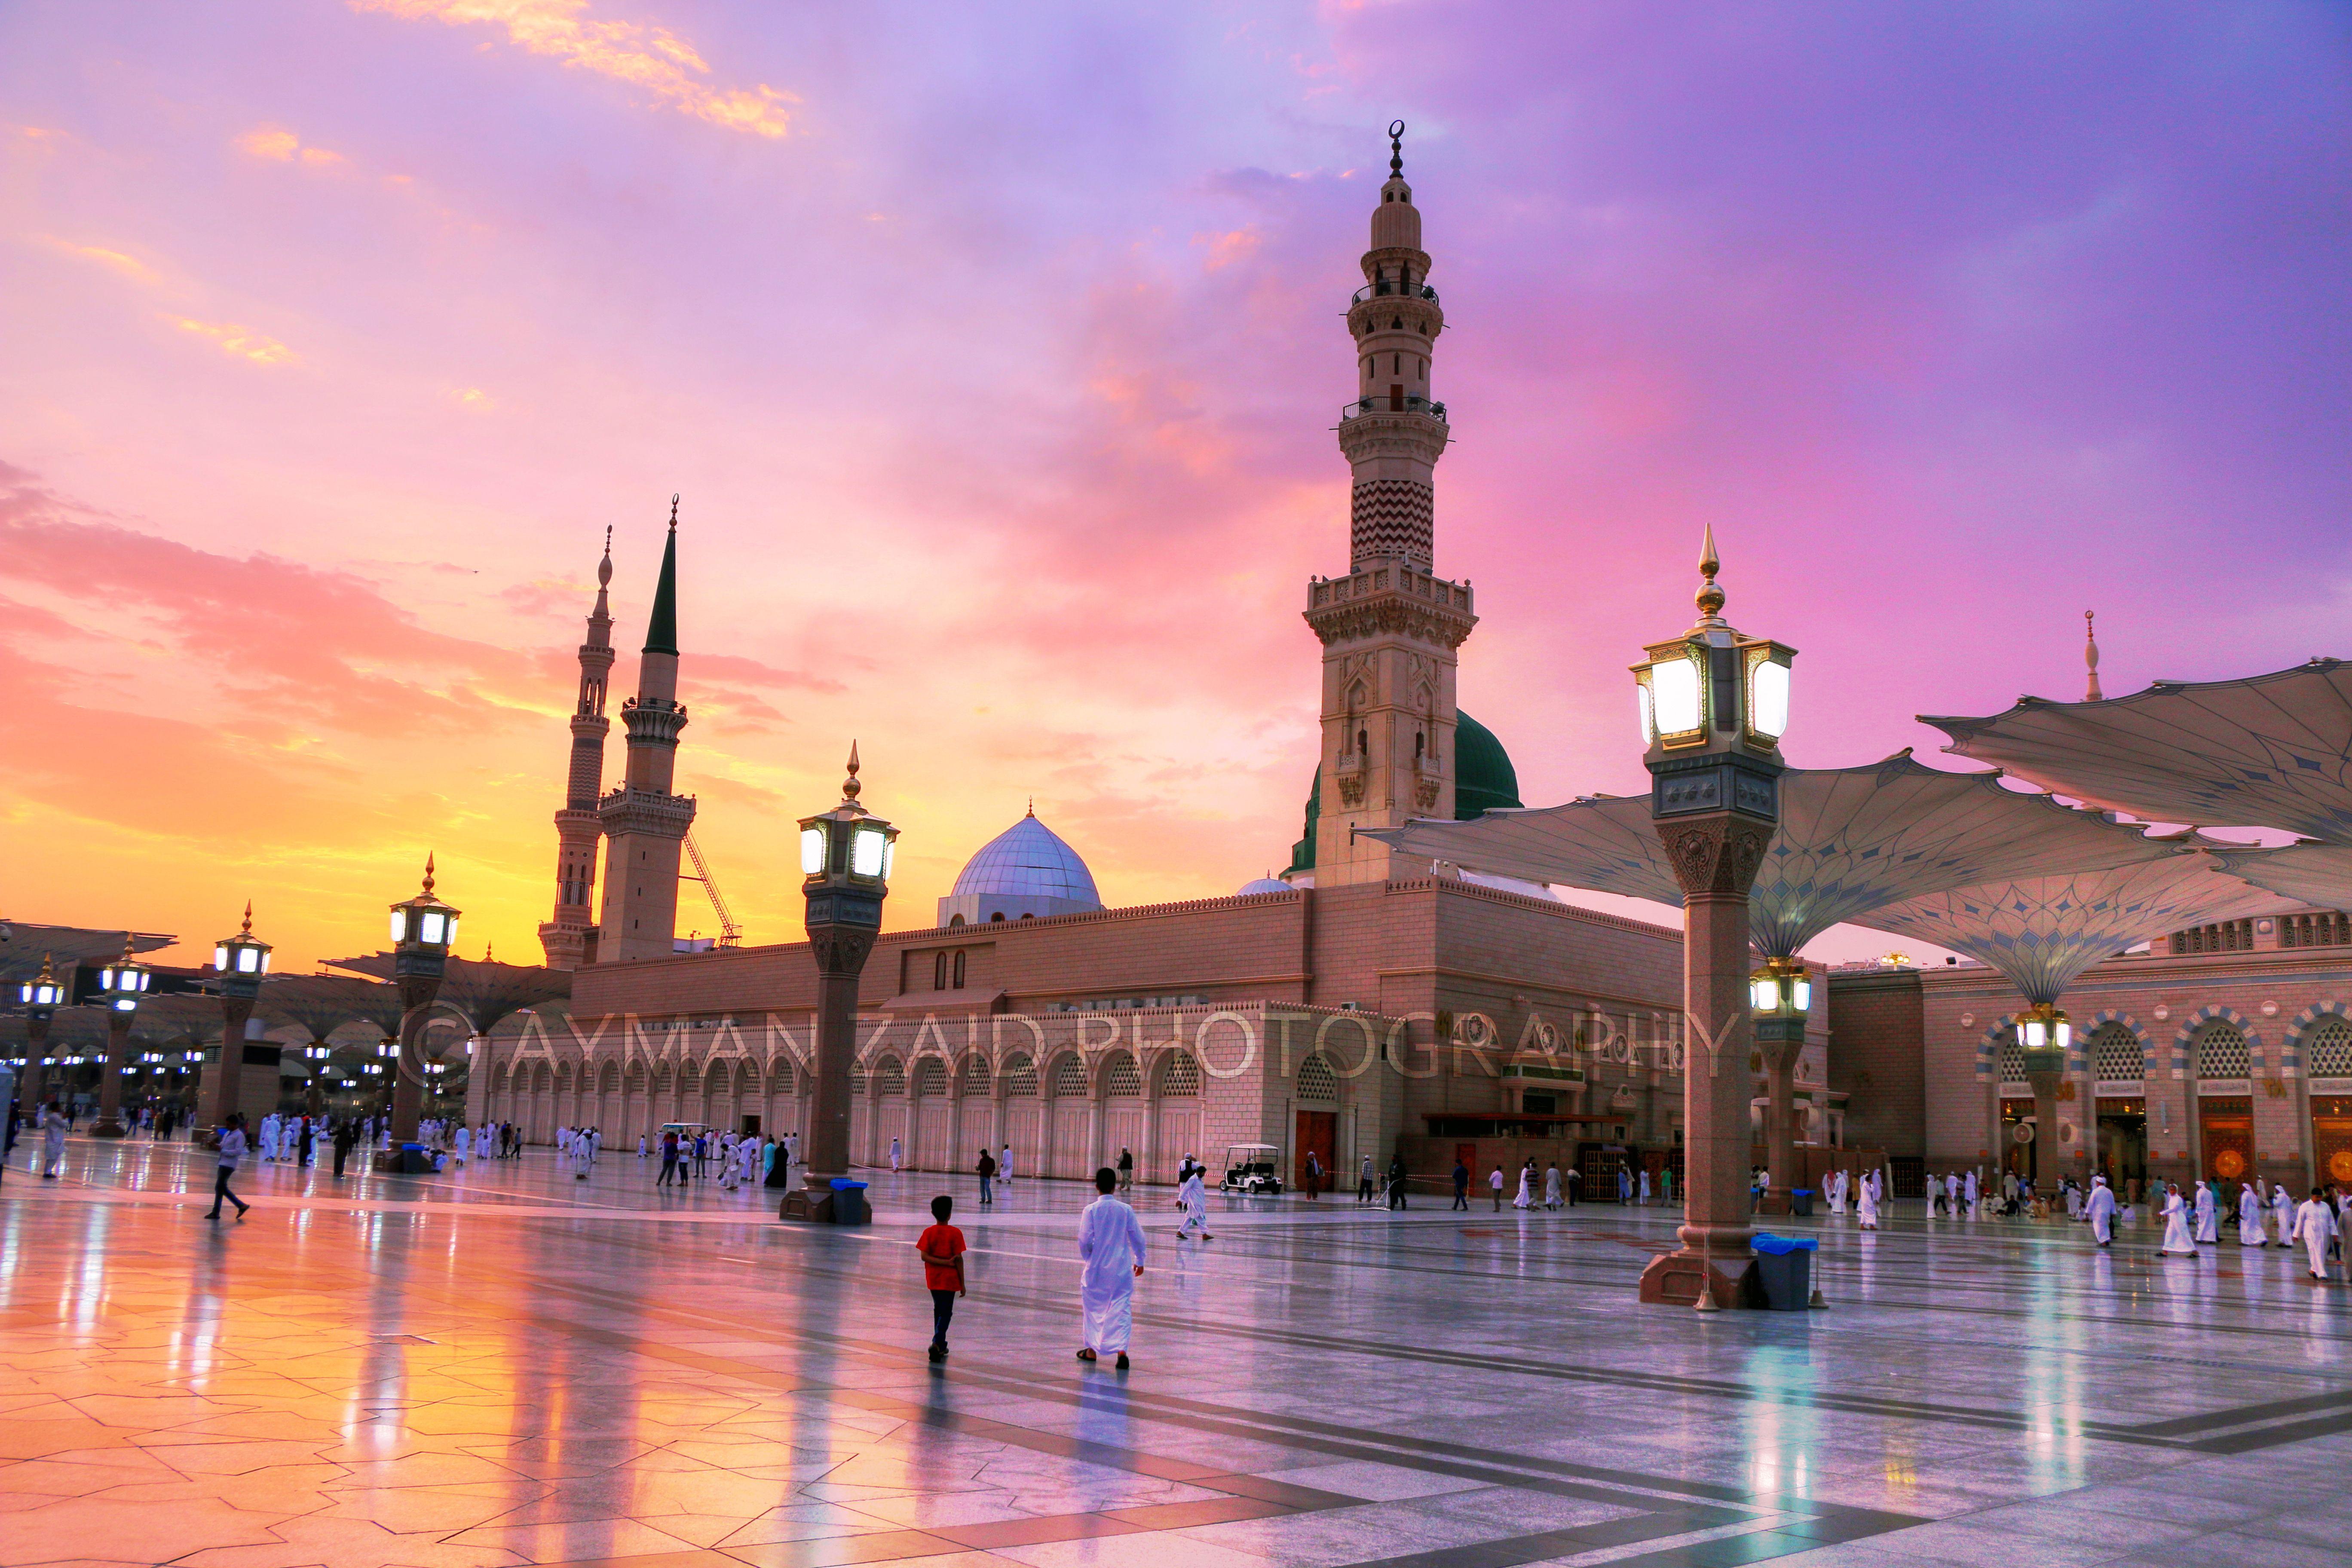 المسجد النبوي الشريف المدينة المنورة